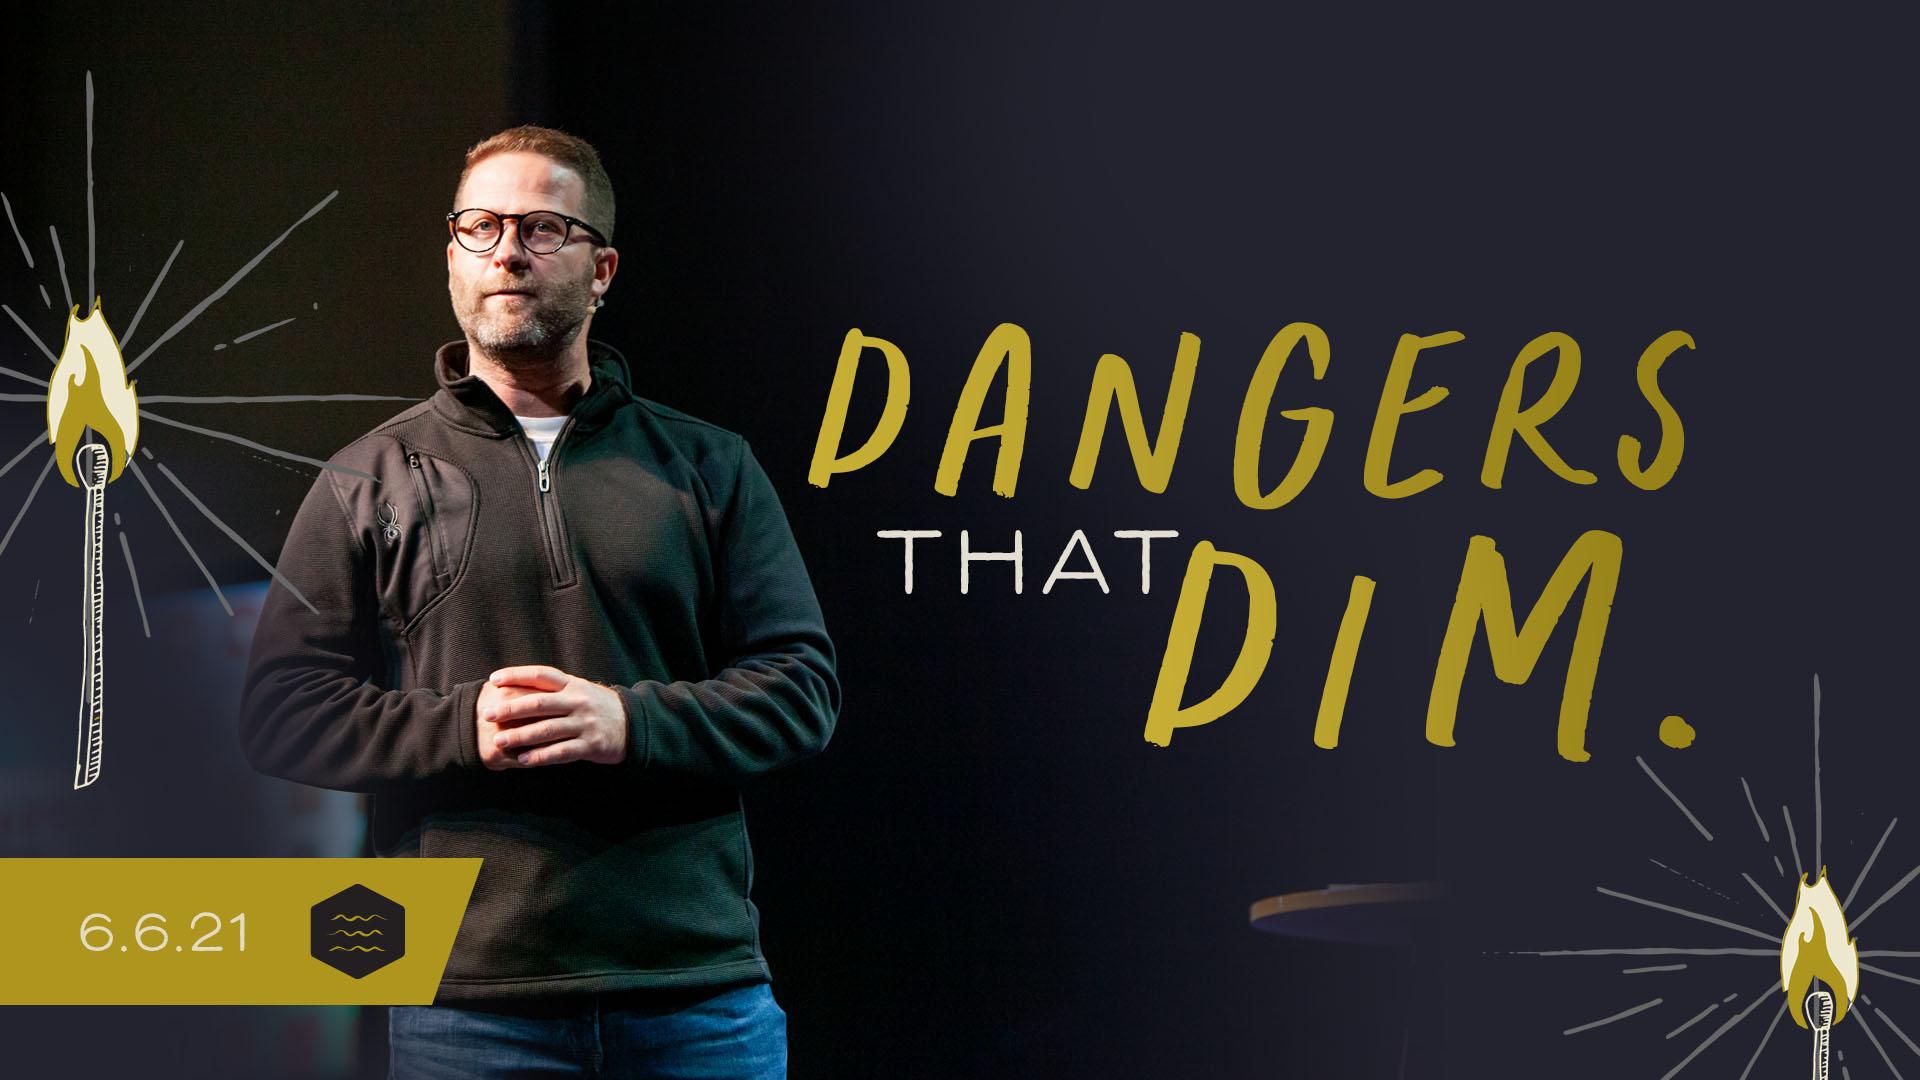 Dangers that Dim Image